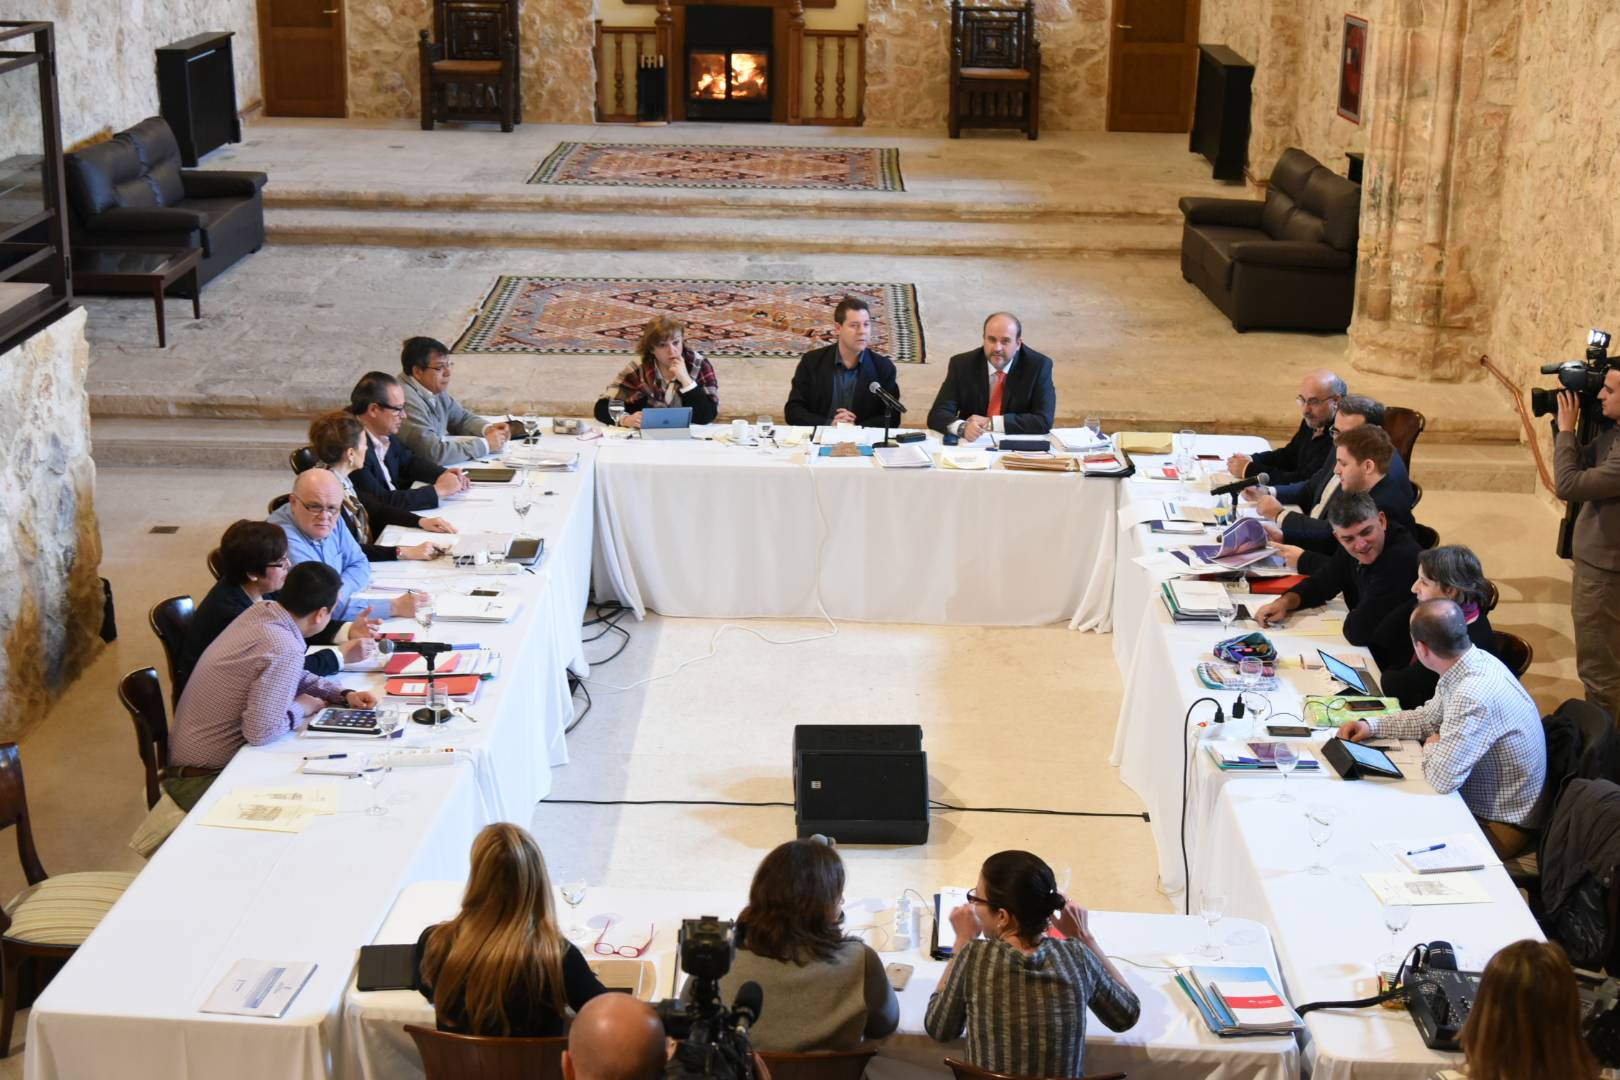 mesa de restructuracion de transporte de viajeros en region